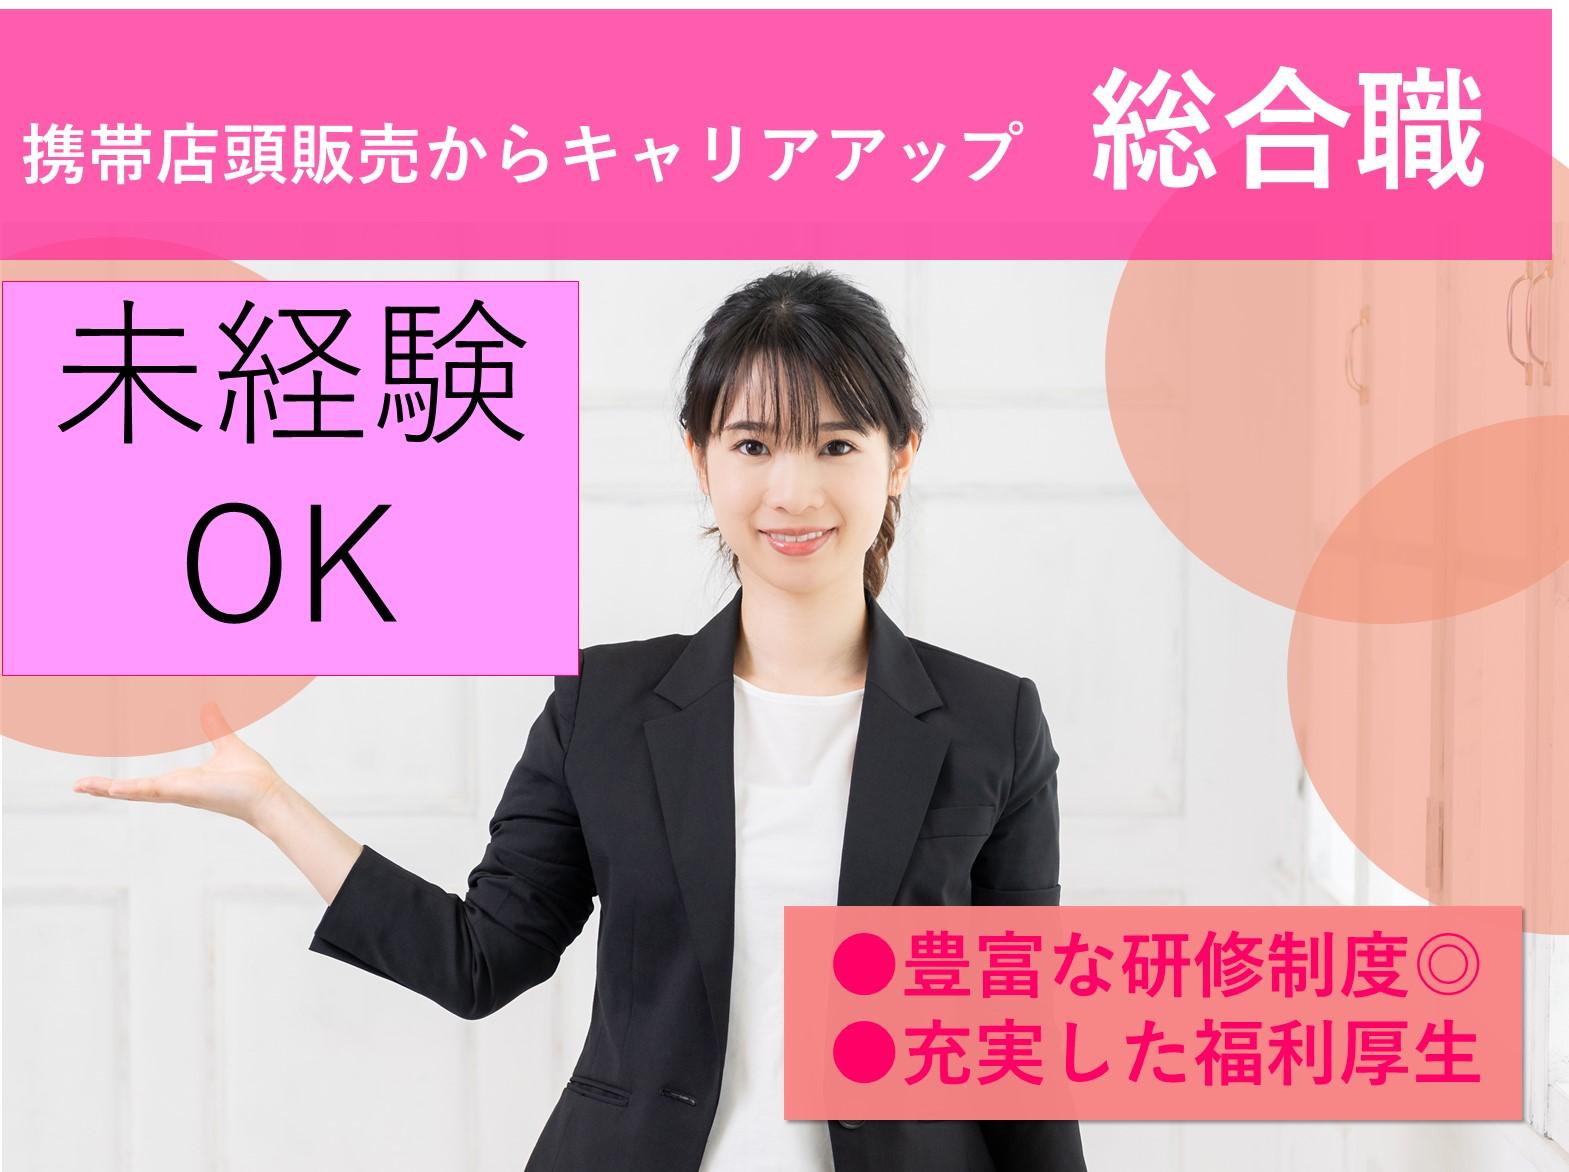 即面談可能【総合職】携帯店頭販売からキャリアアップ!未経験OK イメージ